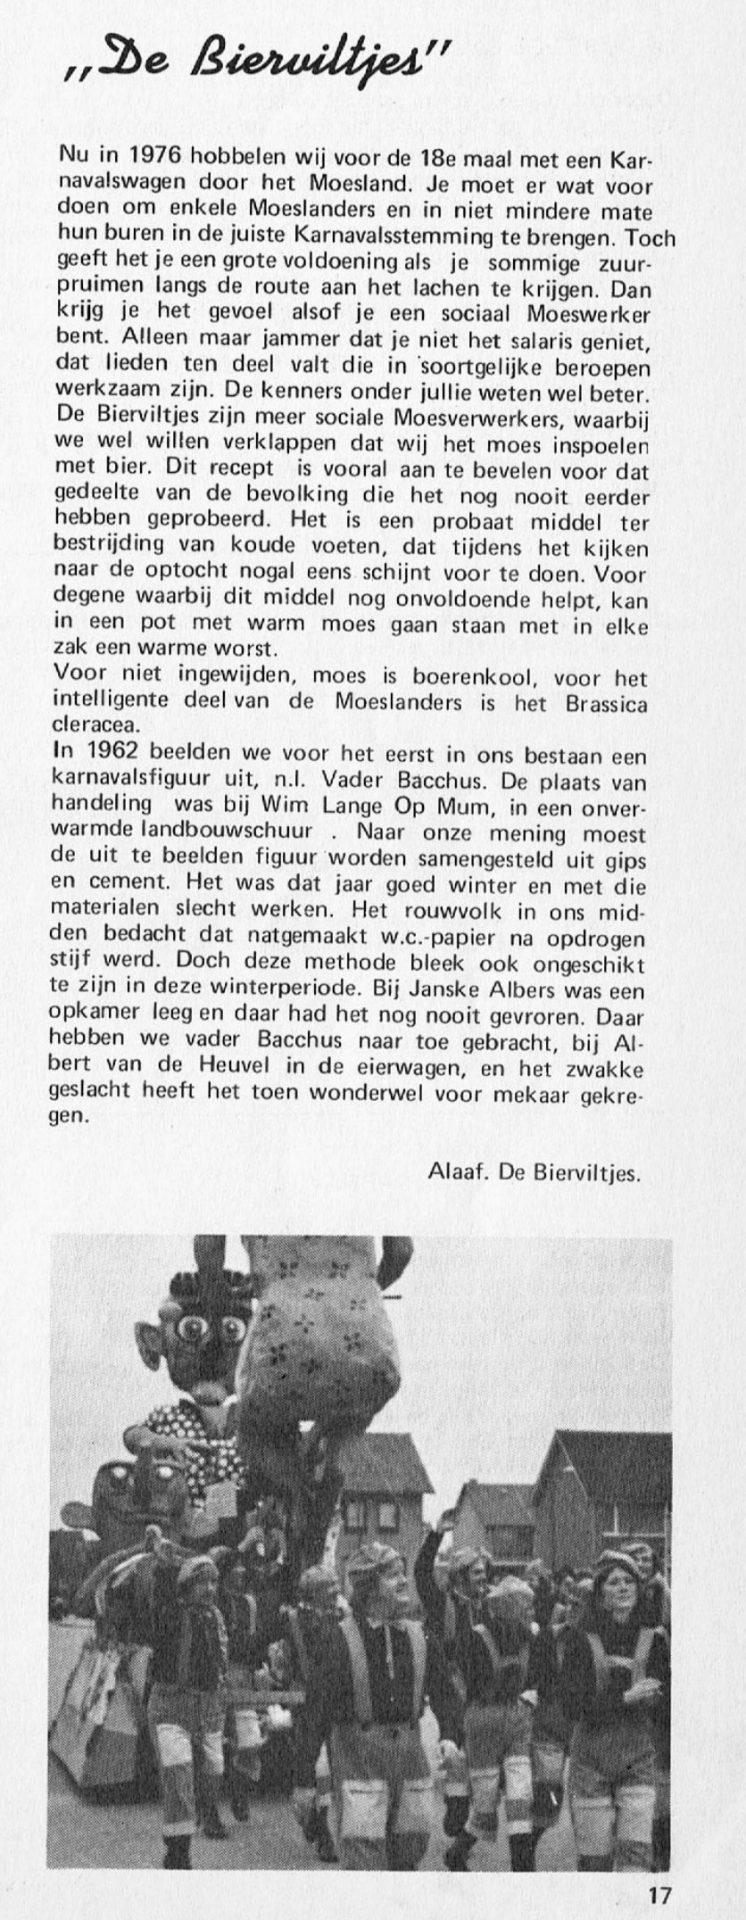 Stuk uit de carnavalskrant van de Bierviltjes - 1976